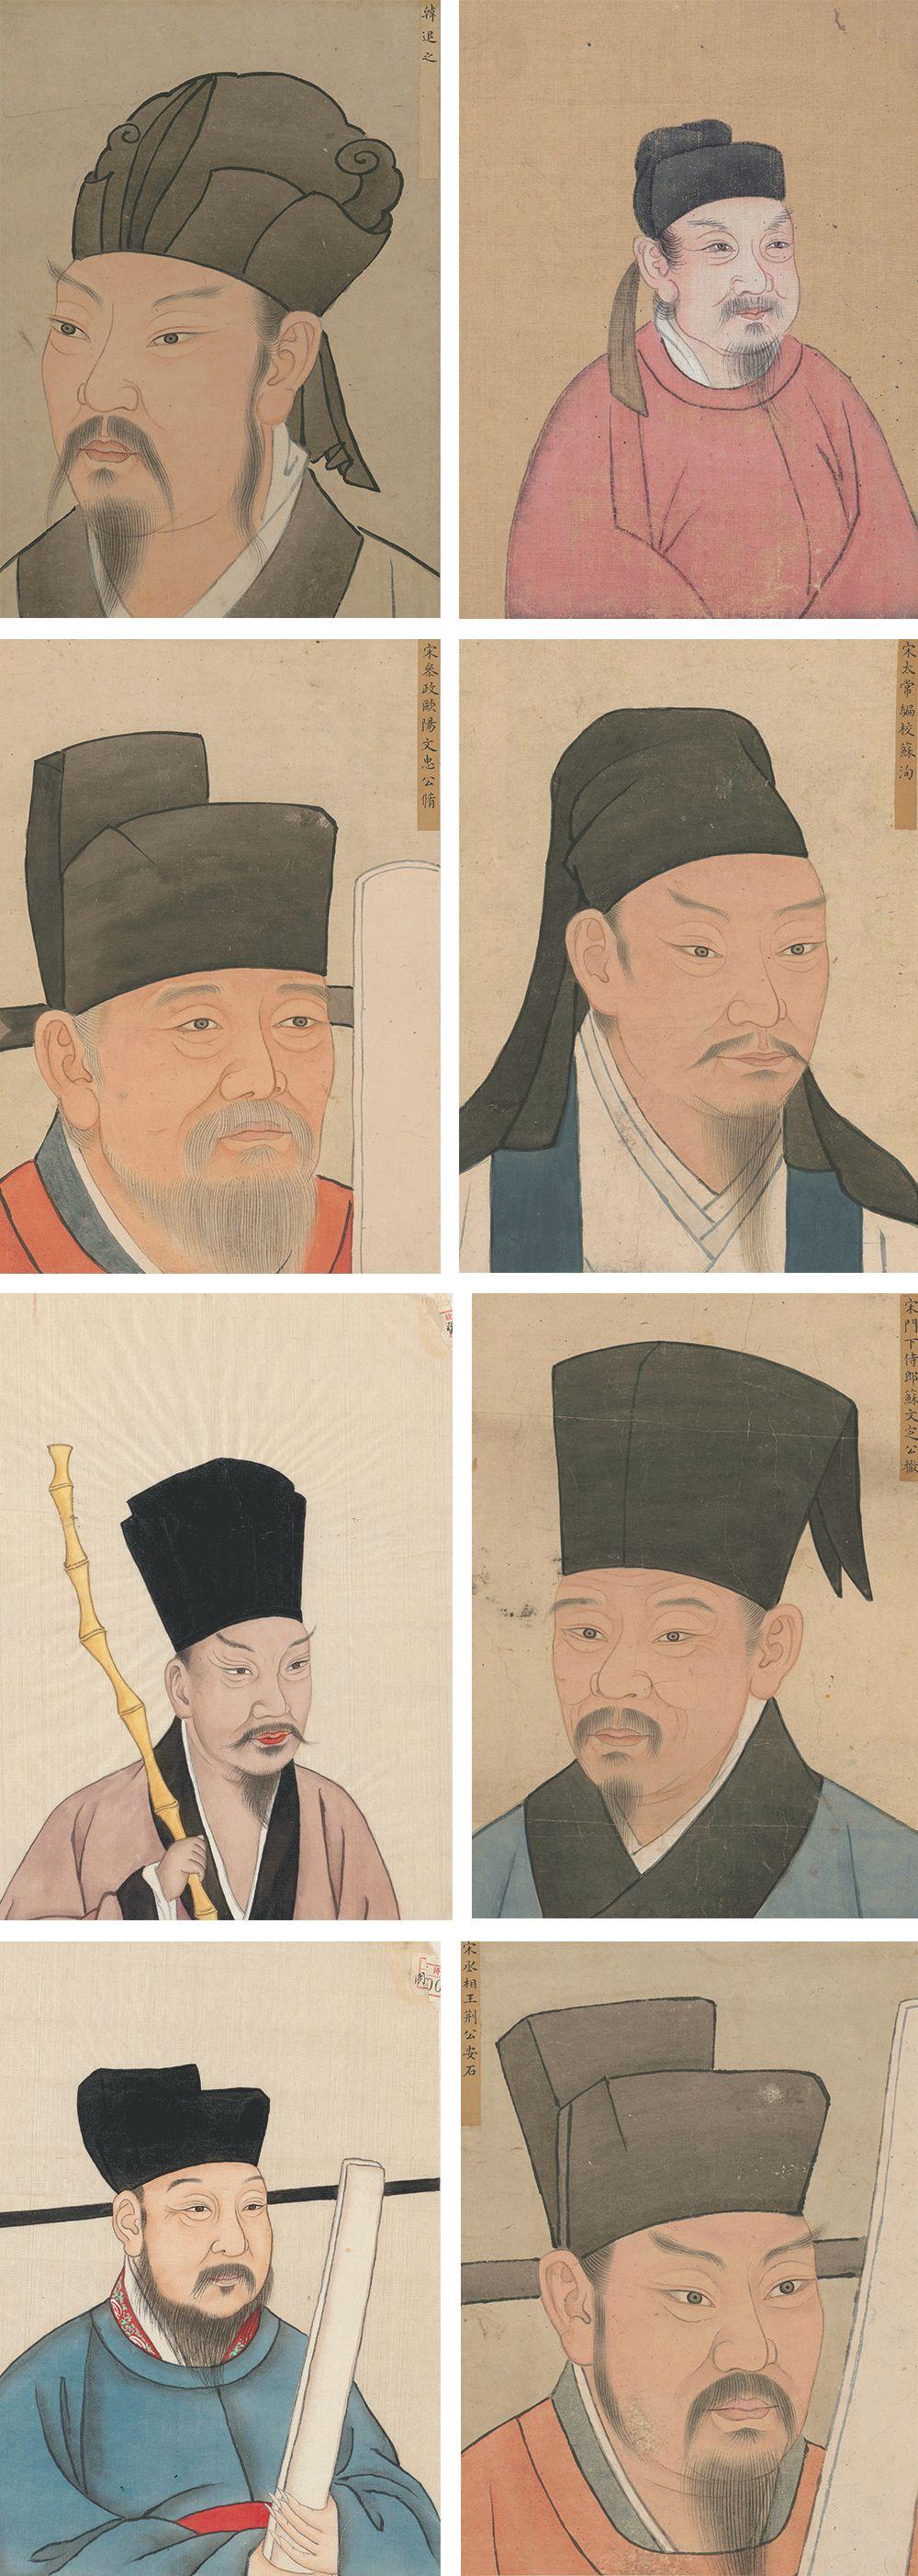 清 唐宋八大家像 (从左到右依次而下为:韩退之像、柳宗元像、欧阳修像、苏洵像、苏轼像、苏辙像、曾巩像、王安石像) 国家博物馆藏